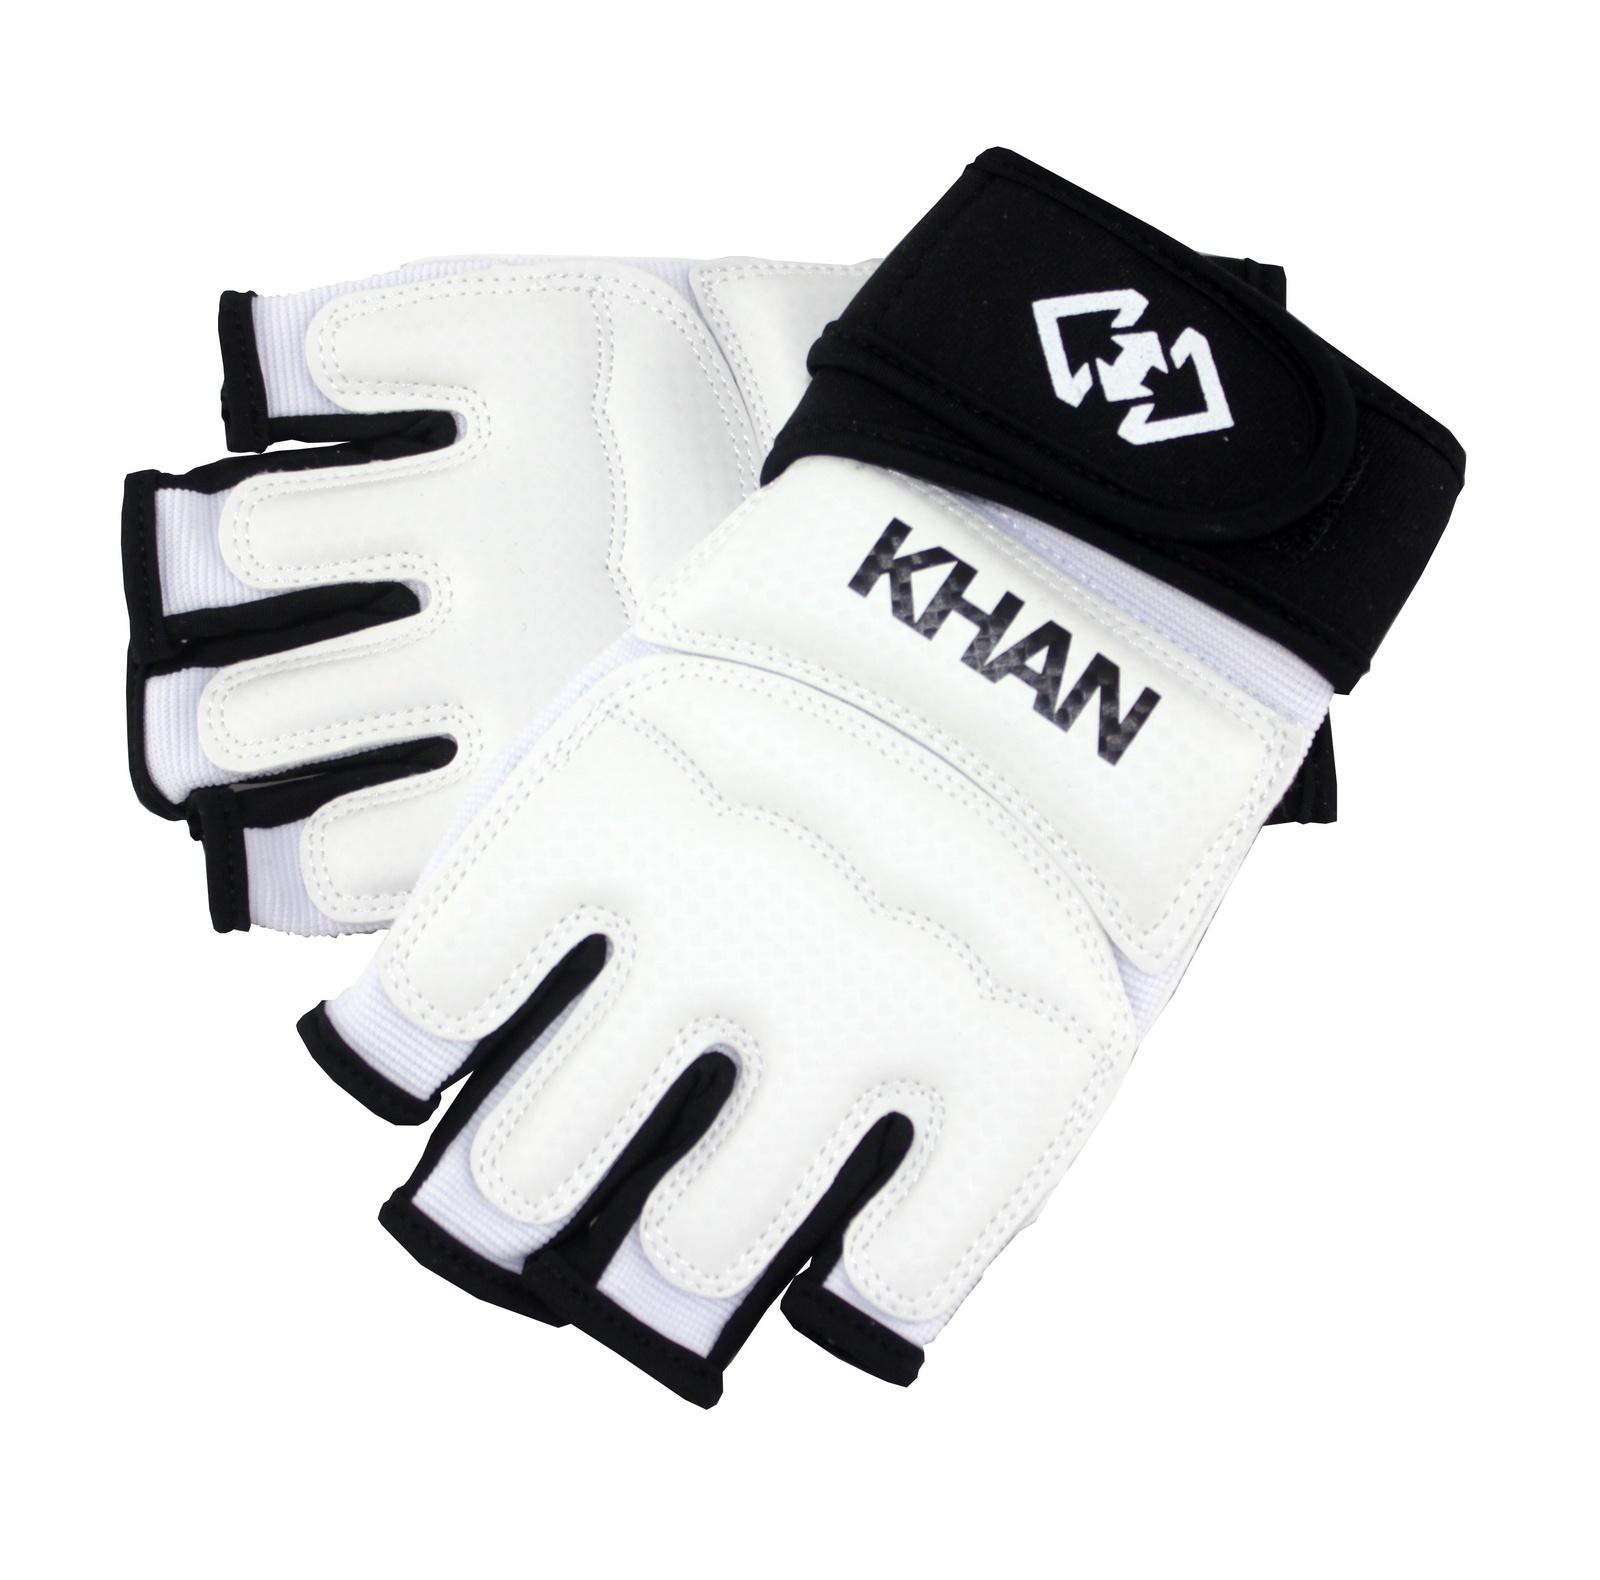 Защита кисти Khan WTF Club E12027_2, белый, размер S кроссовки khan белый 36 размер